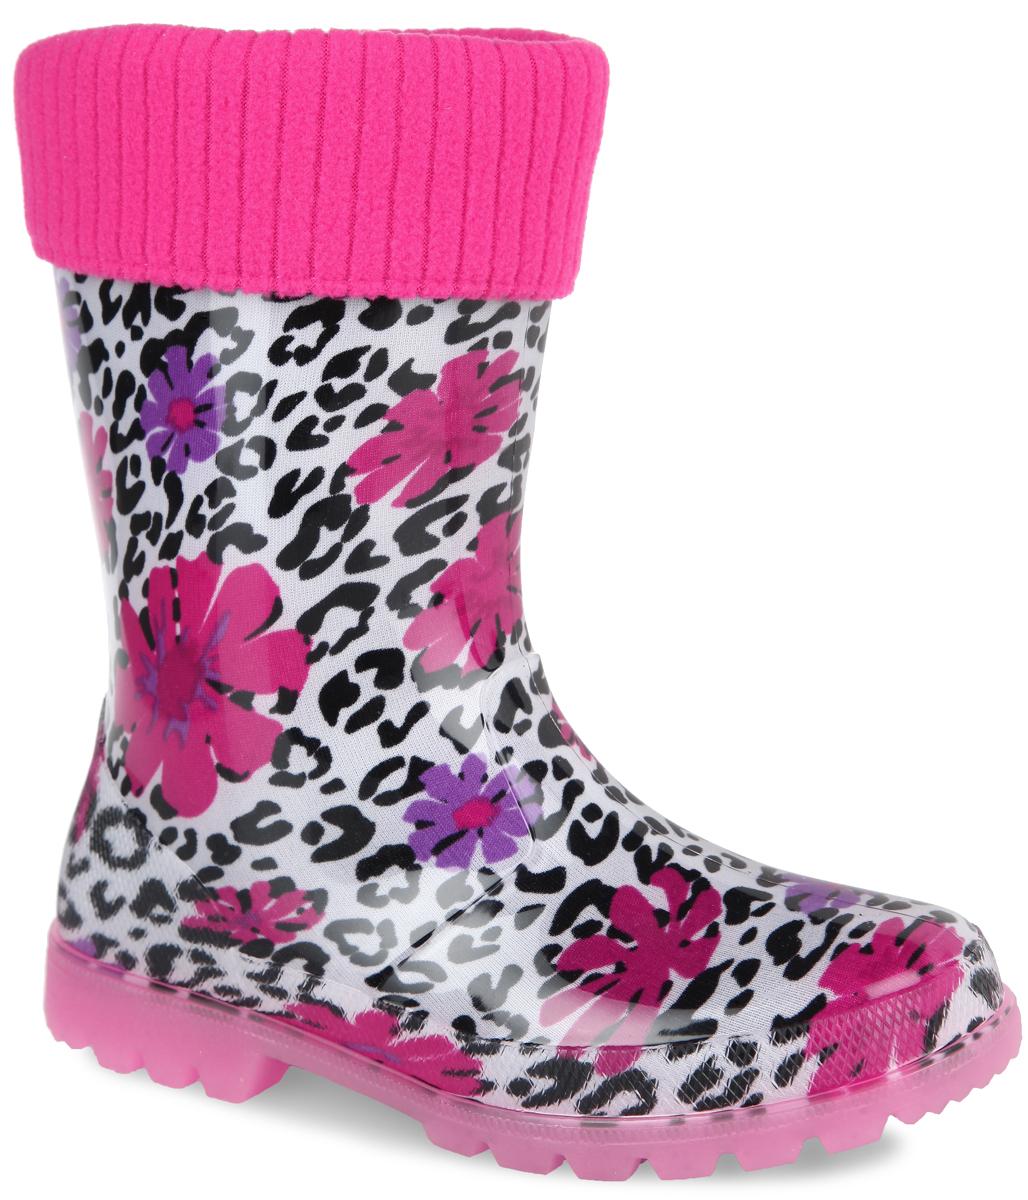 Сапоги резиновые для девочки. 697т697тРезиновые сапоги Kapika превосходно защитят ноги вашей девочки от промокания в дождливый день. Сапоги, выполненные из ПВХ, оформлены пятнистым принтом и изображениями цветов. Мягкий вынимающийся сапожок из текстильного материала не даст ногам замерзнуть. Рельефная поверхность подошвы гарантирует отличное сцепление с любой поверхностью. При движении подошва начинает светиться, благодаря чему ваш ребенок будет на виду даже в темное время суток. Резиновые сапоги прекрасно защитят ноги вашей девочки от промокания в дождливый день.